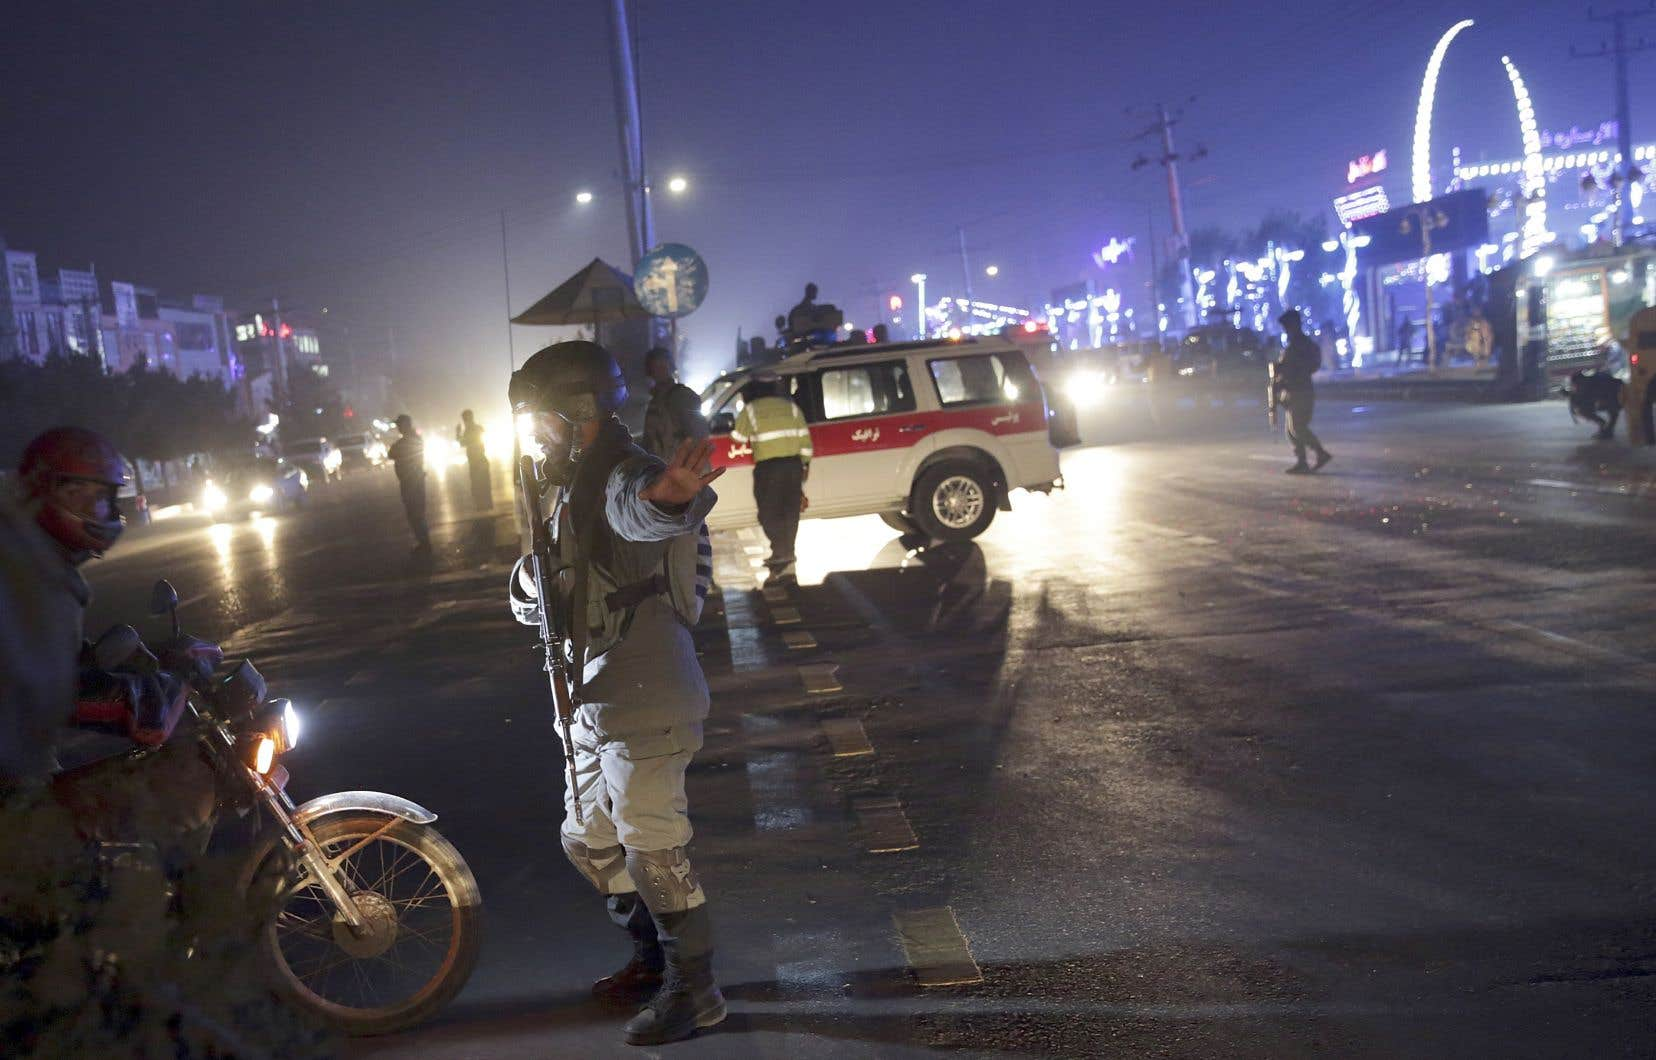 Cet attentat survient à un moment où le pays est toujours englué dans une spirale de la violence, mais où des espoirs de pourparlers de paix entre gouvernement et talibans pourraient poindre.